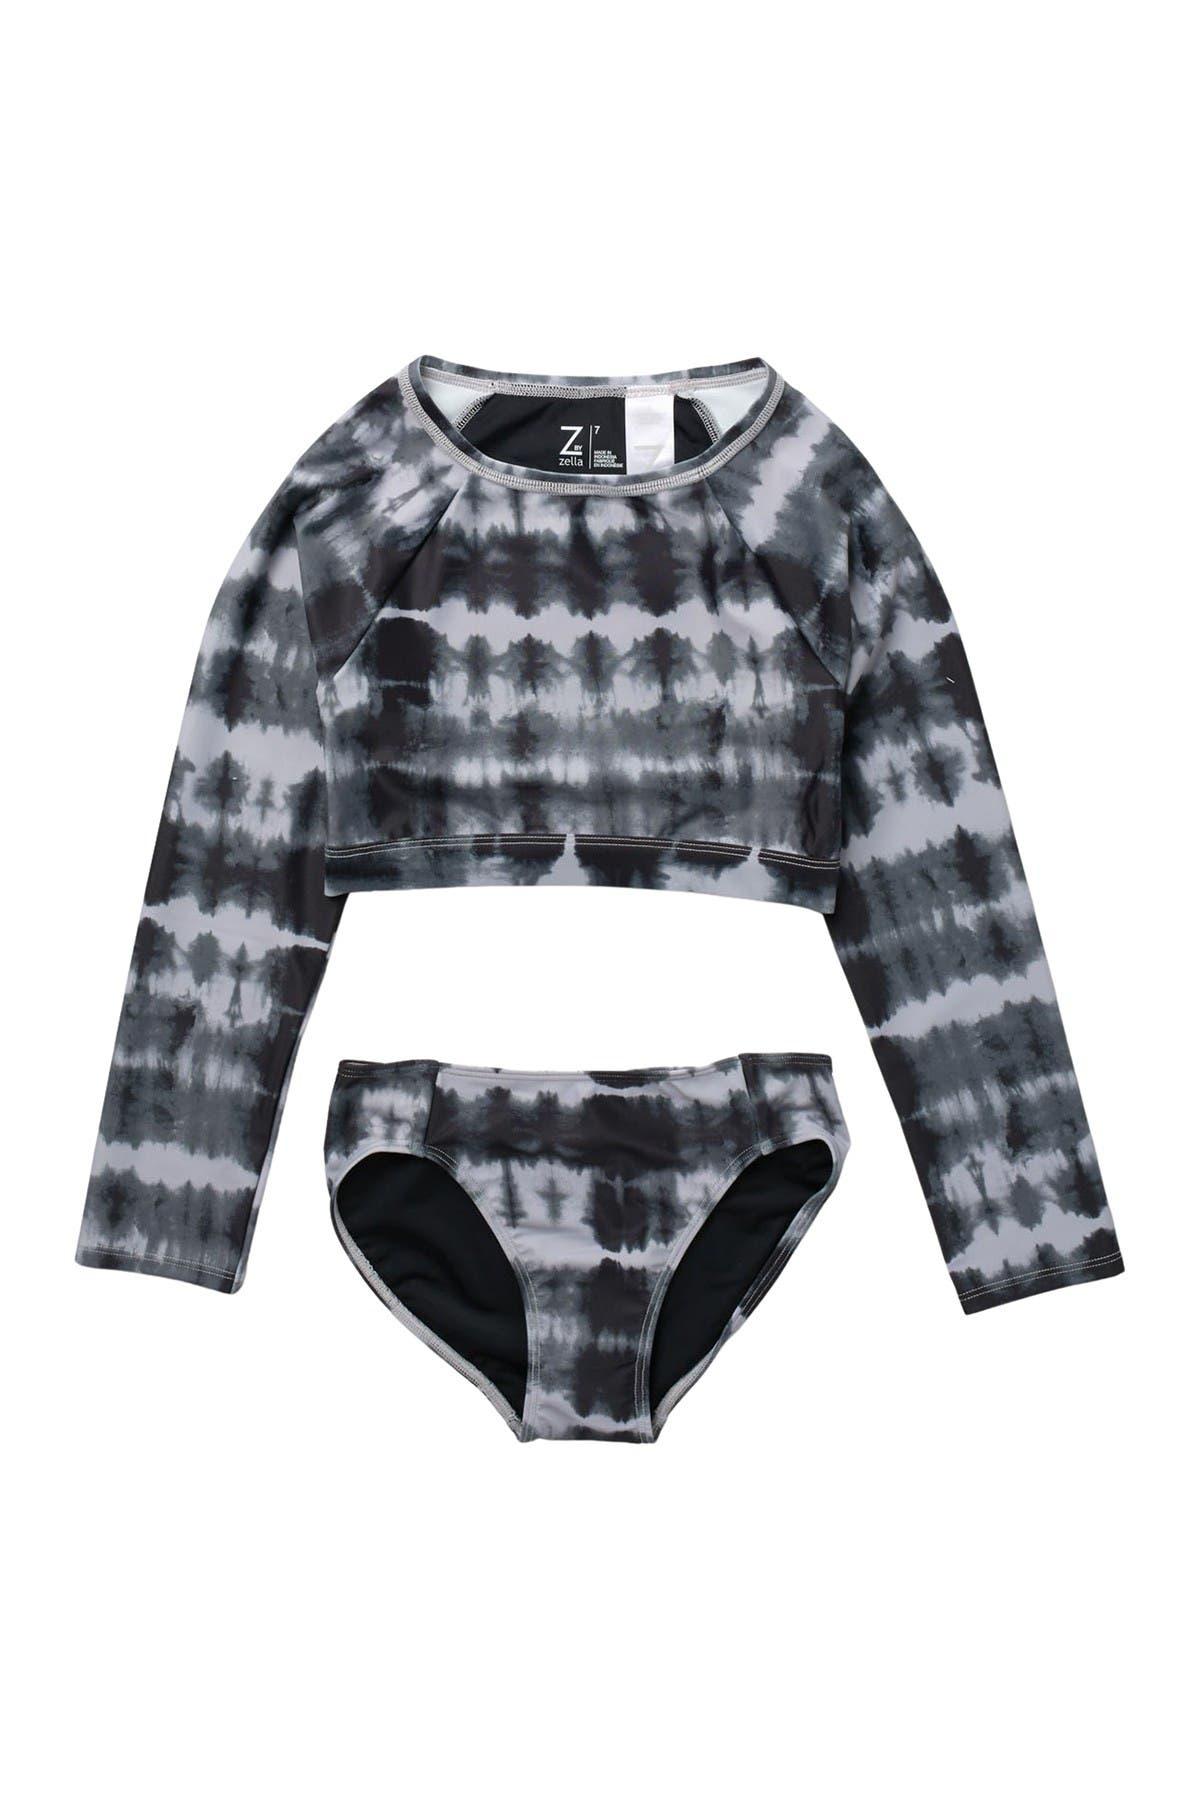 Image of Z by Zella Girl Stretch Rashguard Two-Piece Swimsuit